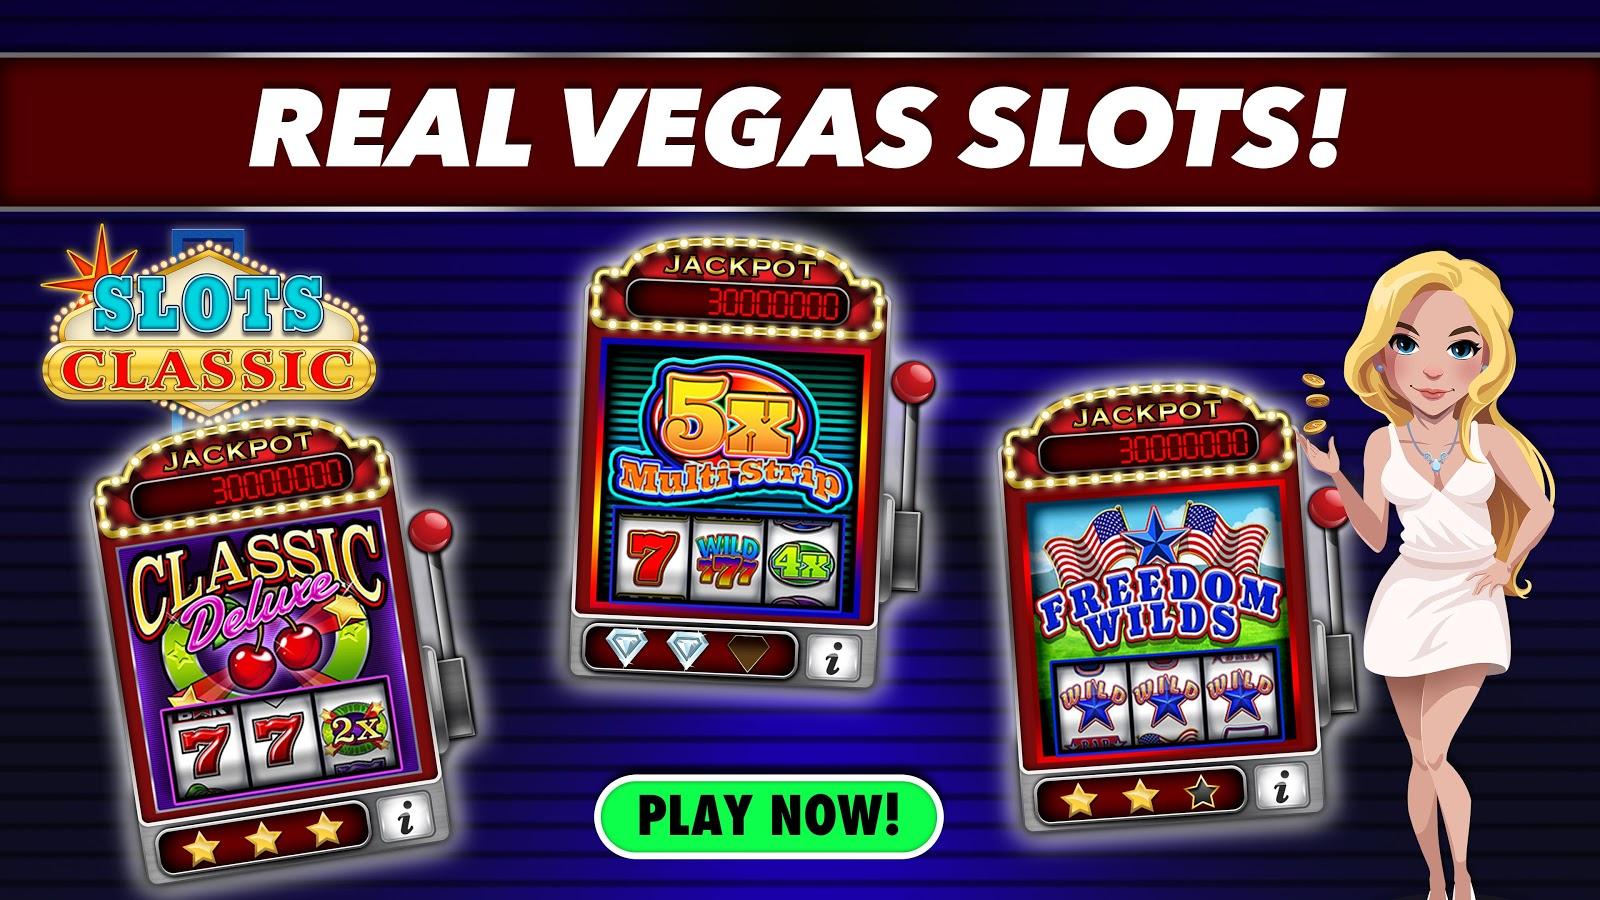 classic free casino slot machine